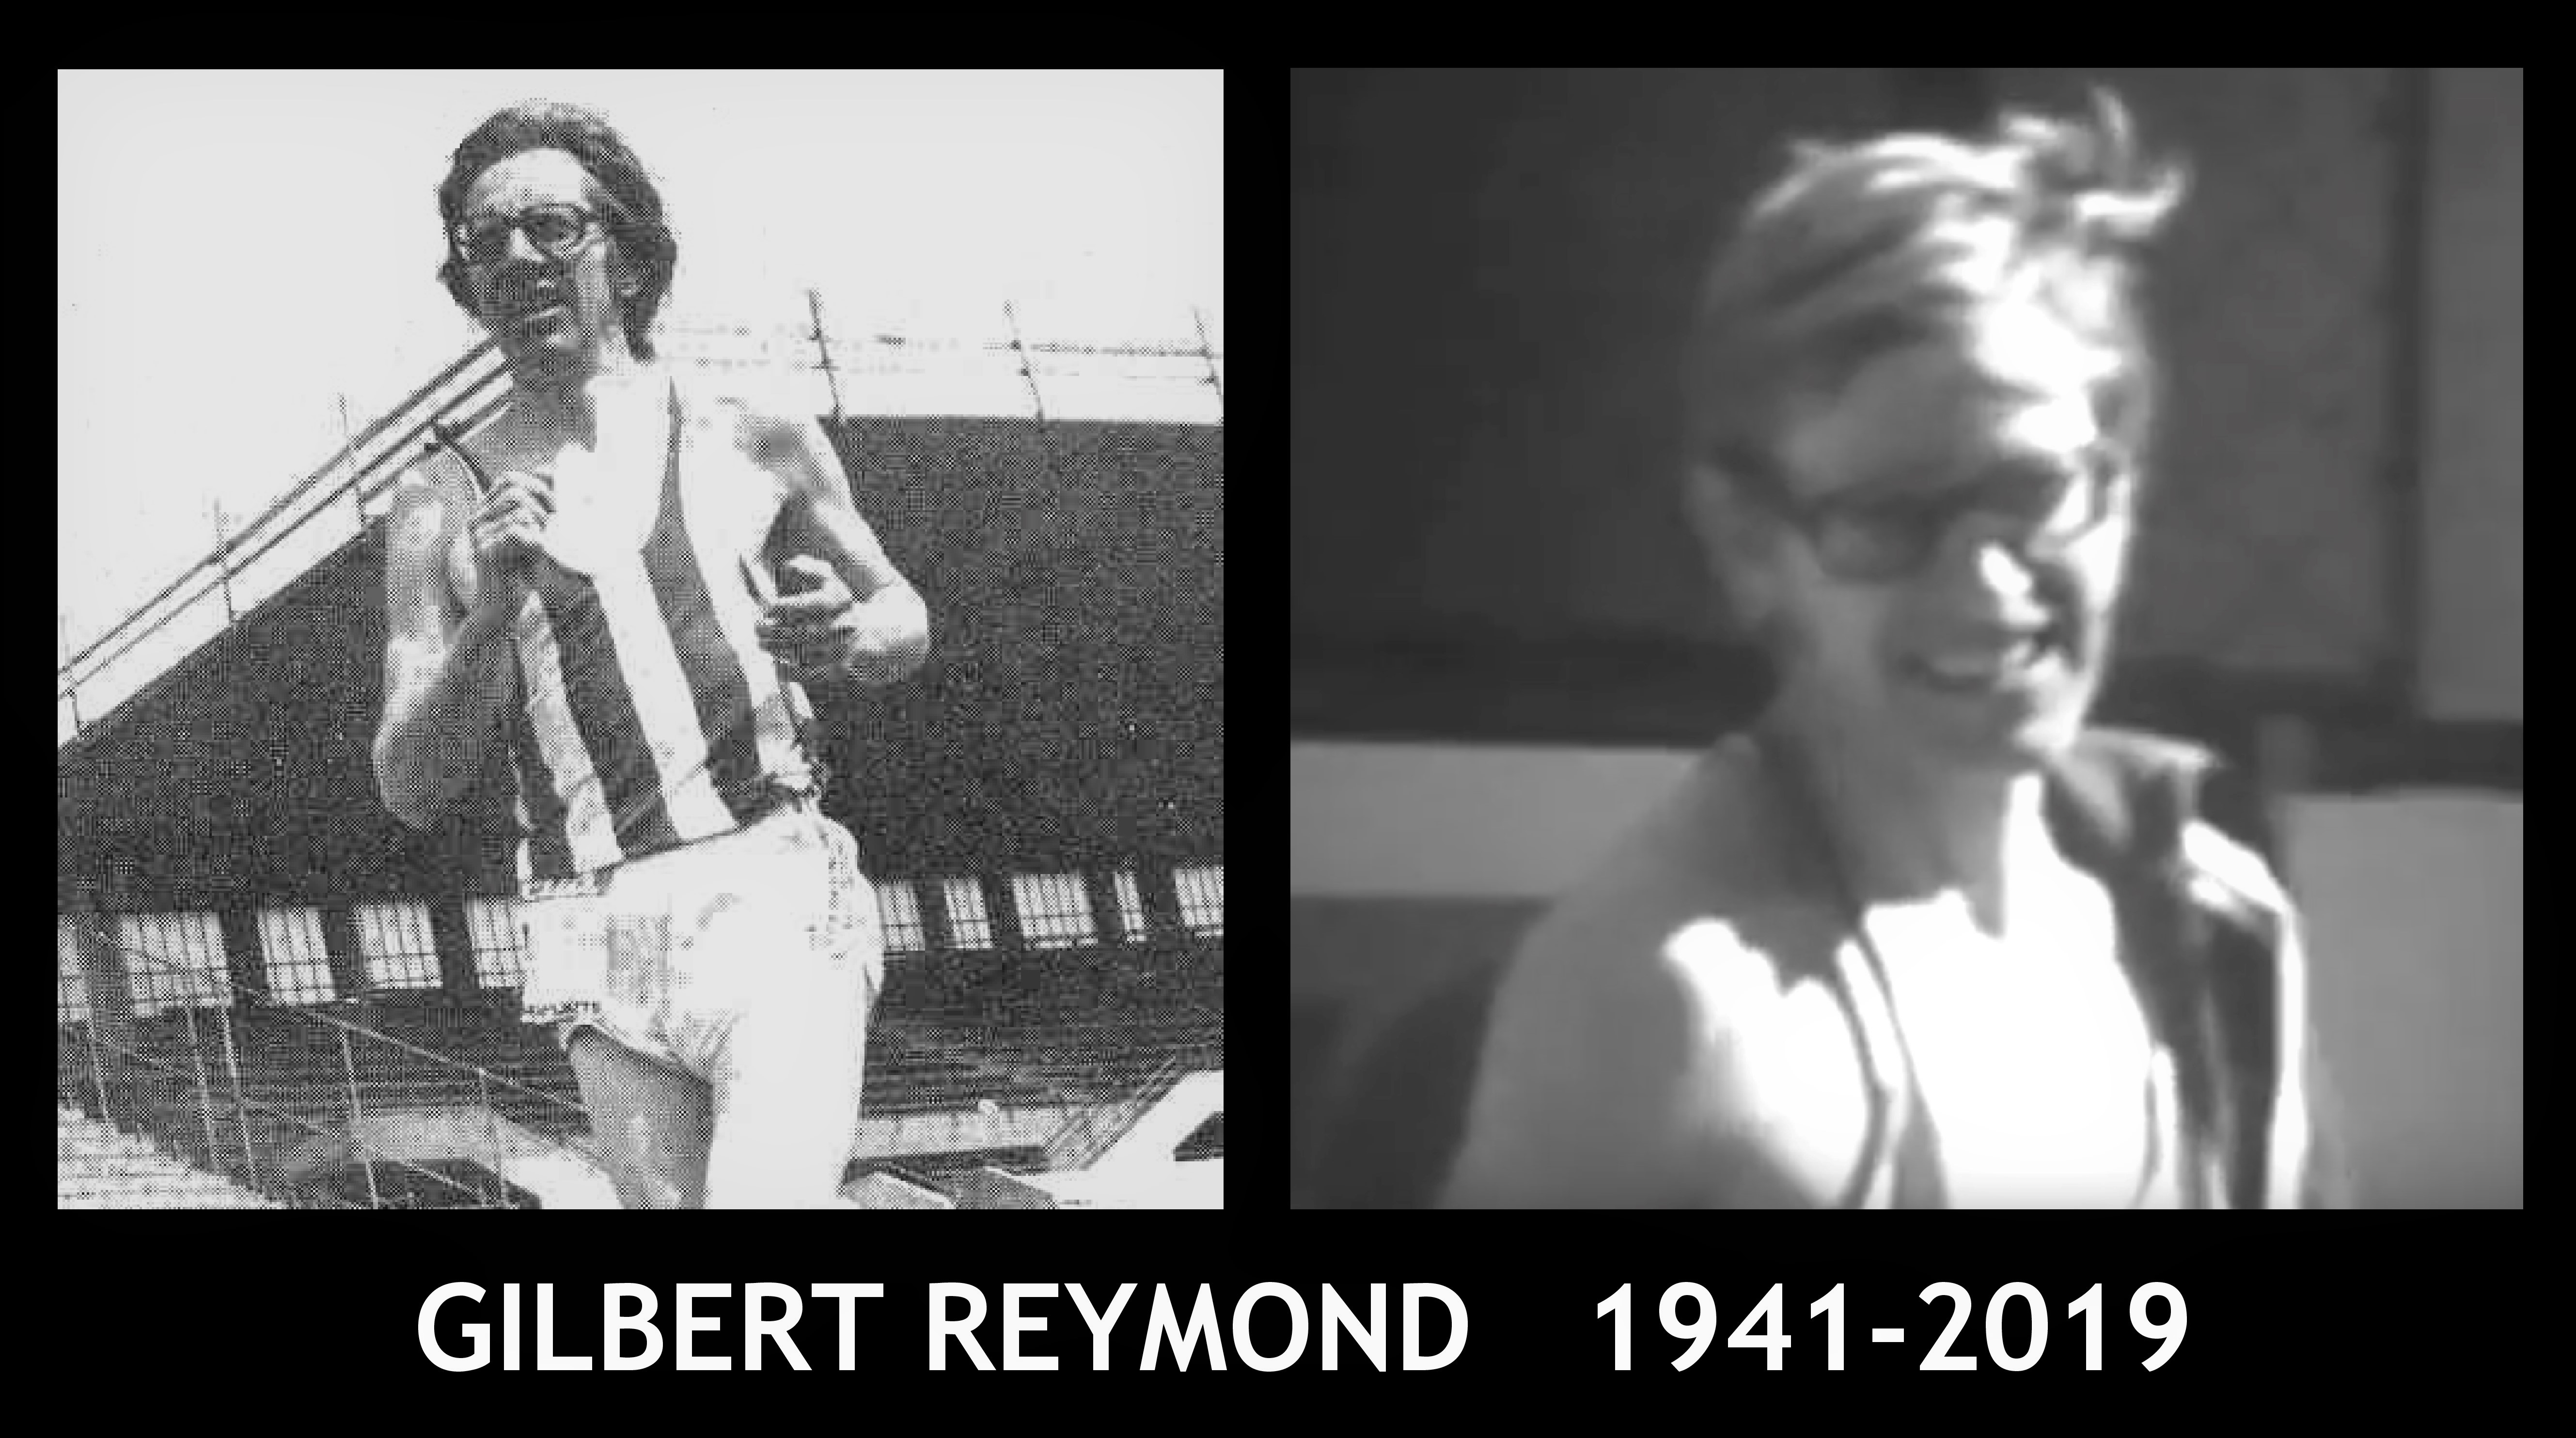 Carnet noir : Gilbert Reymond 1941-2019